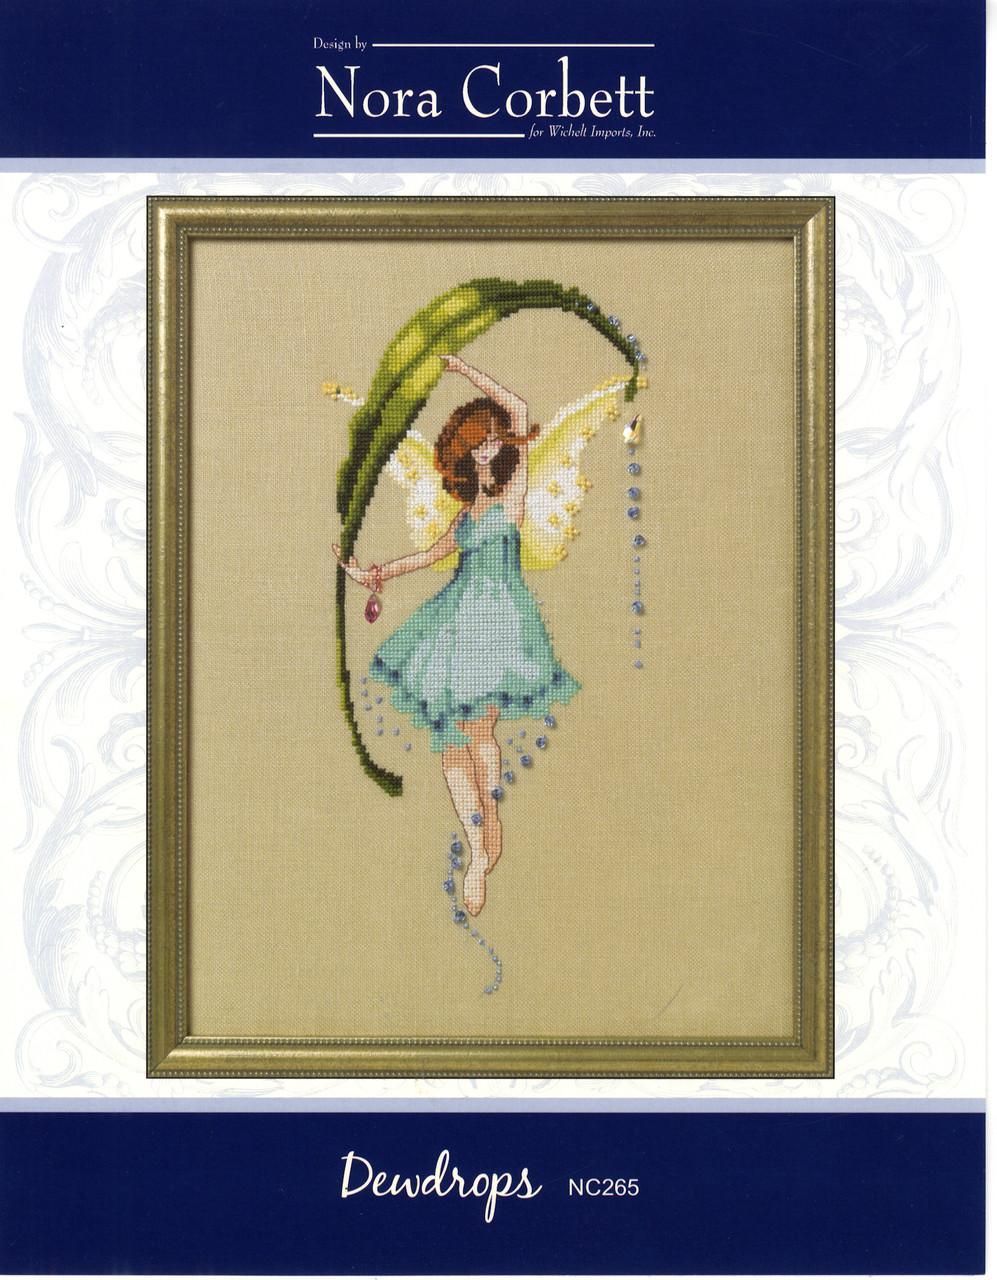 Nora Corbett - Dewdrops